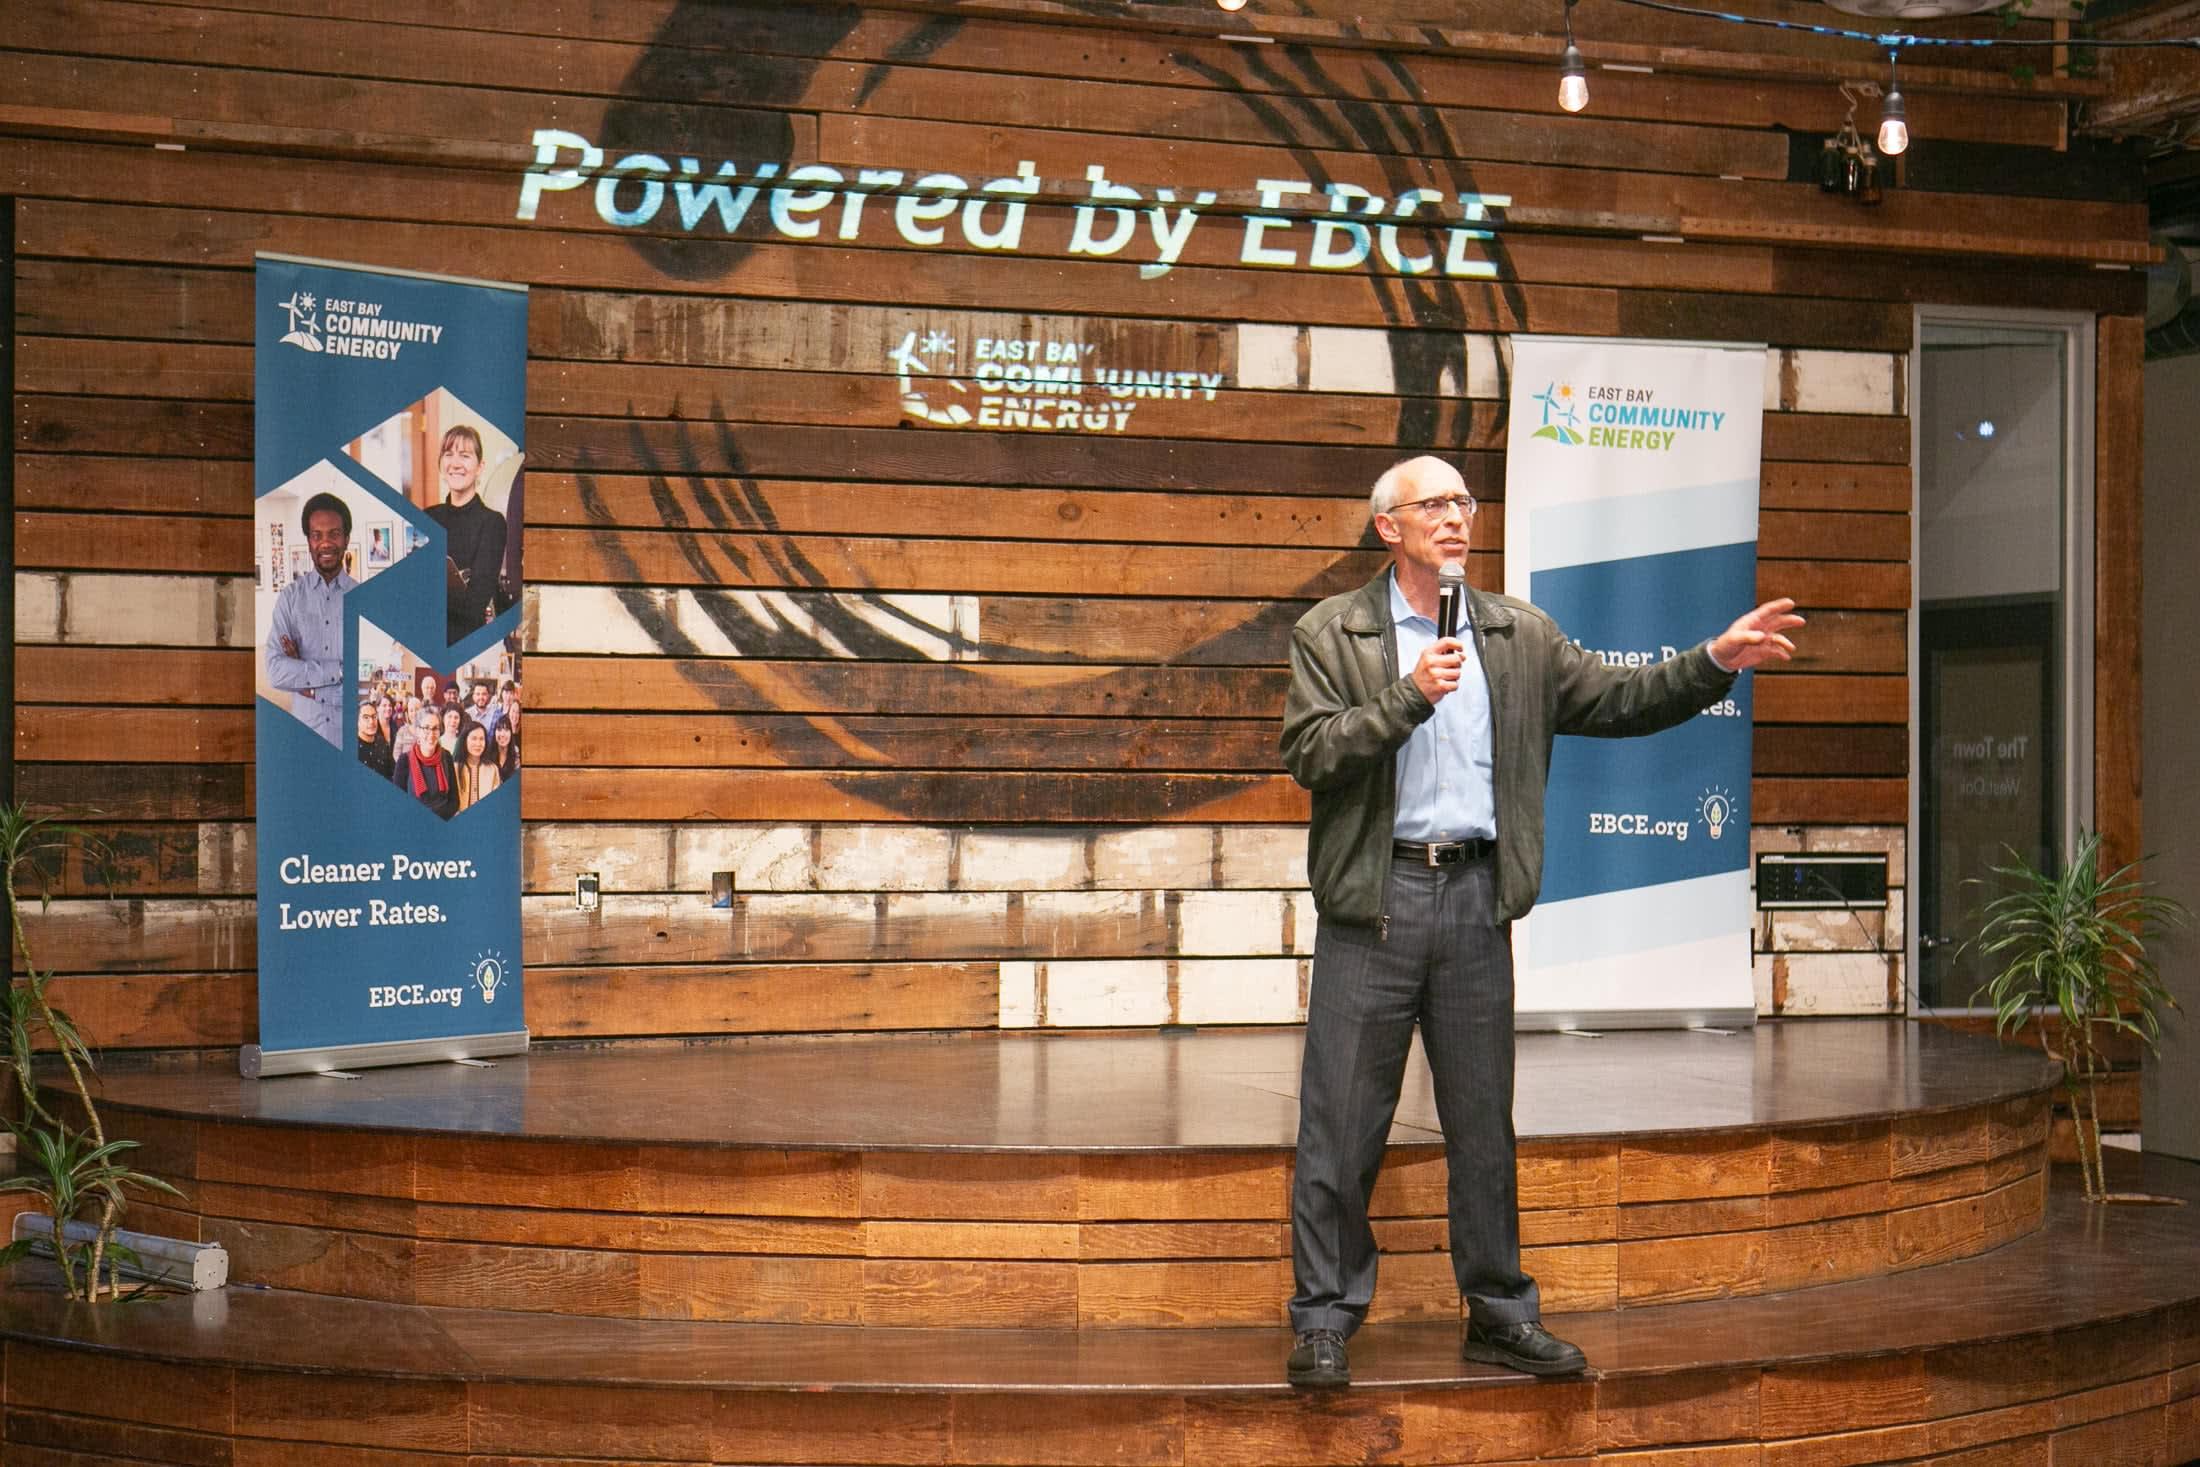 EBCE Chair and Oakland City Councilmember Dan Kalb